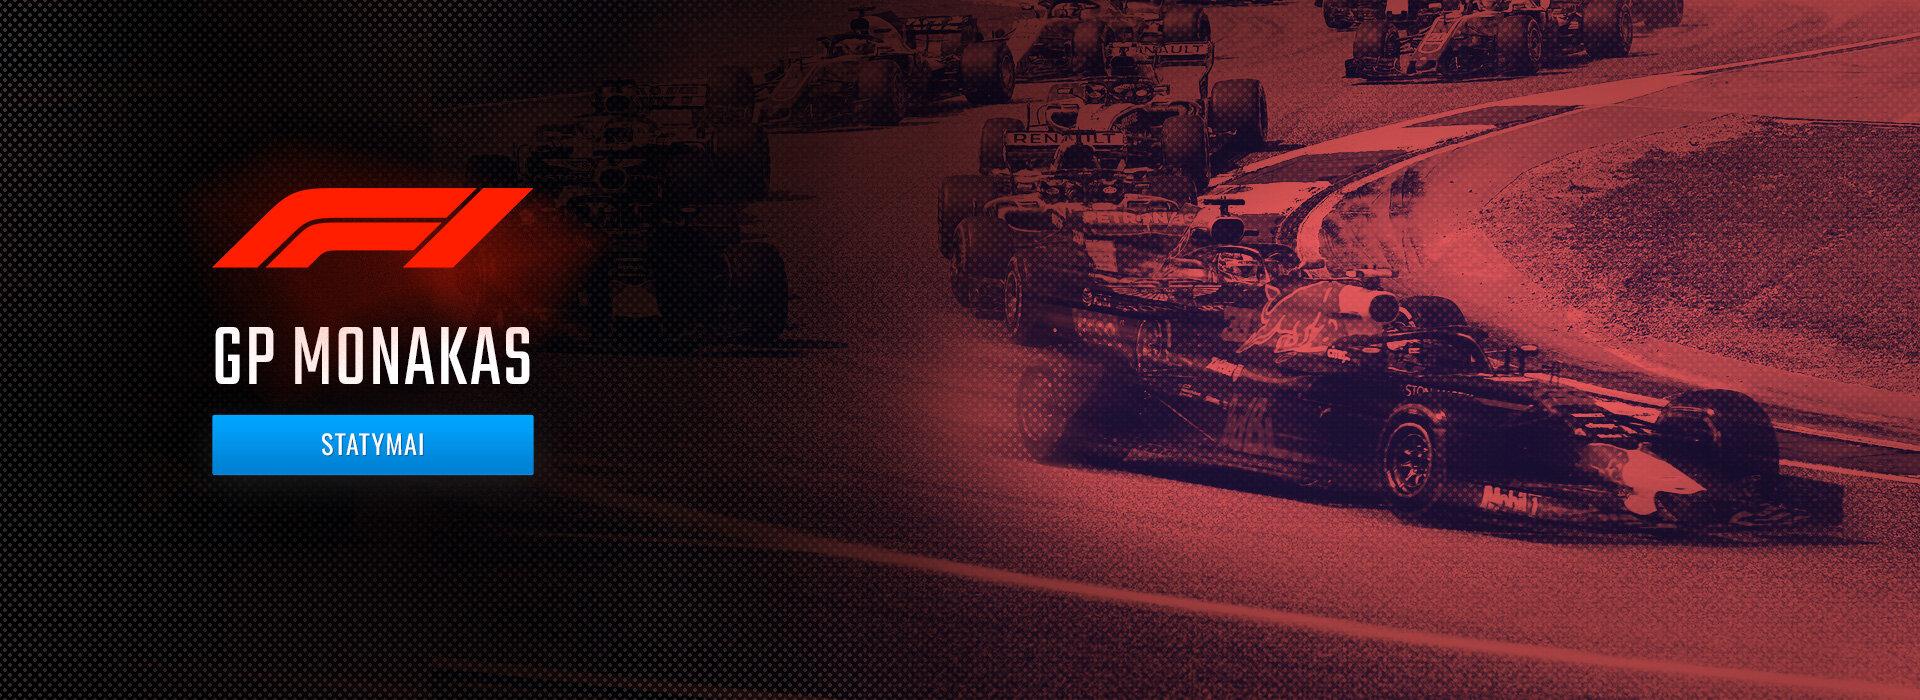 GP Monakas 2019